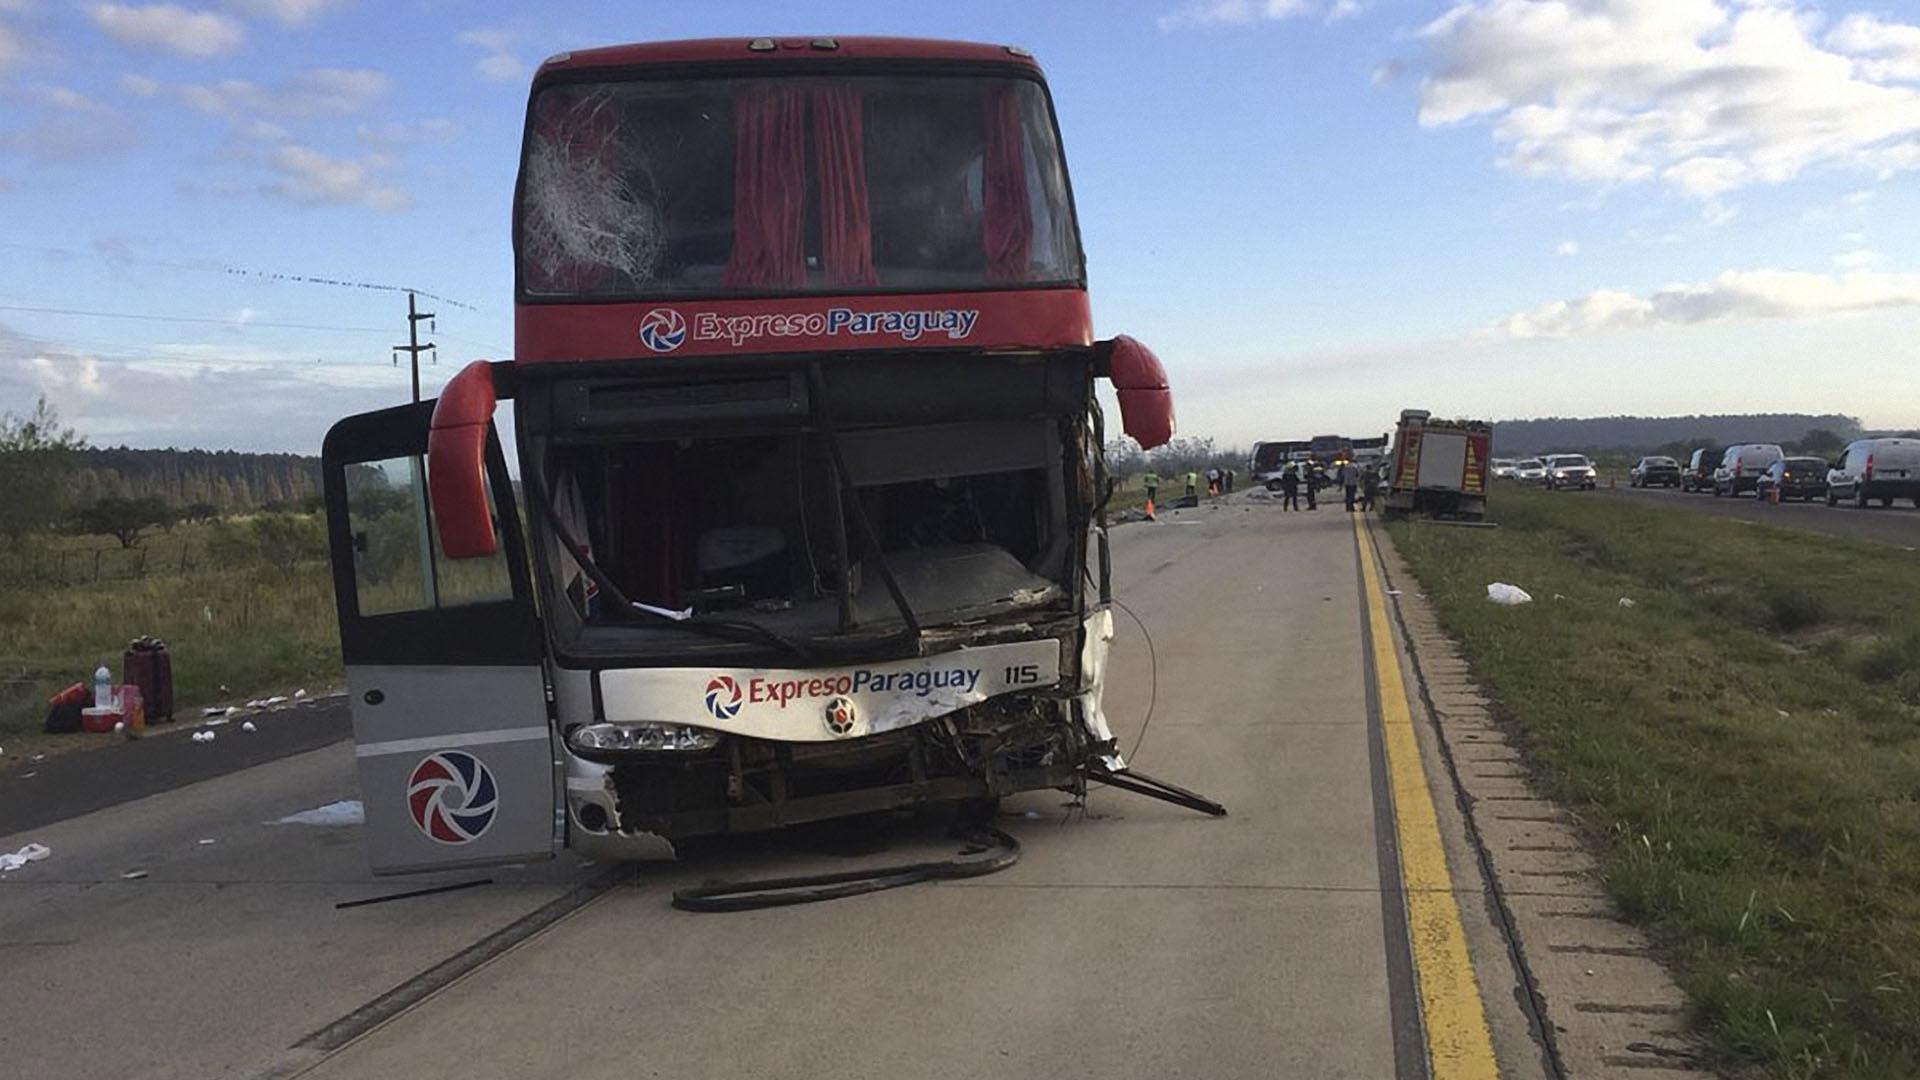 Del micro, el único que resultó herido fue el conductor